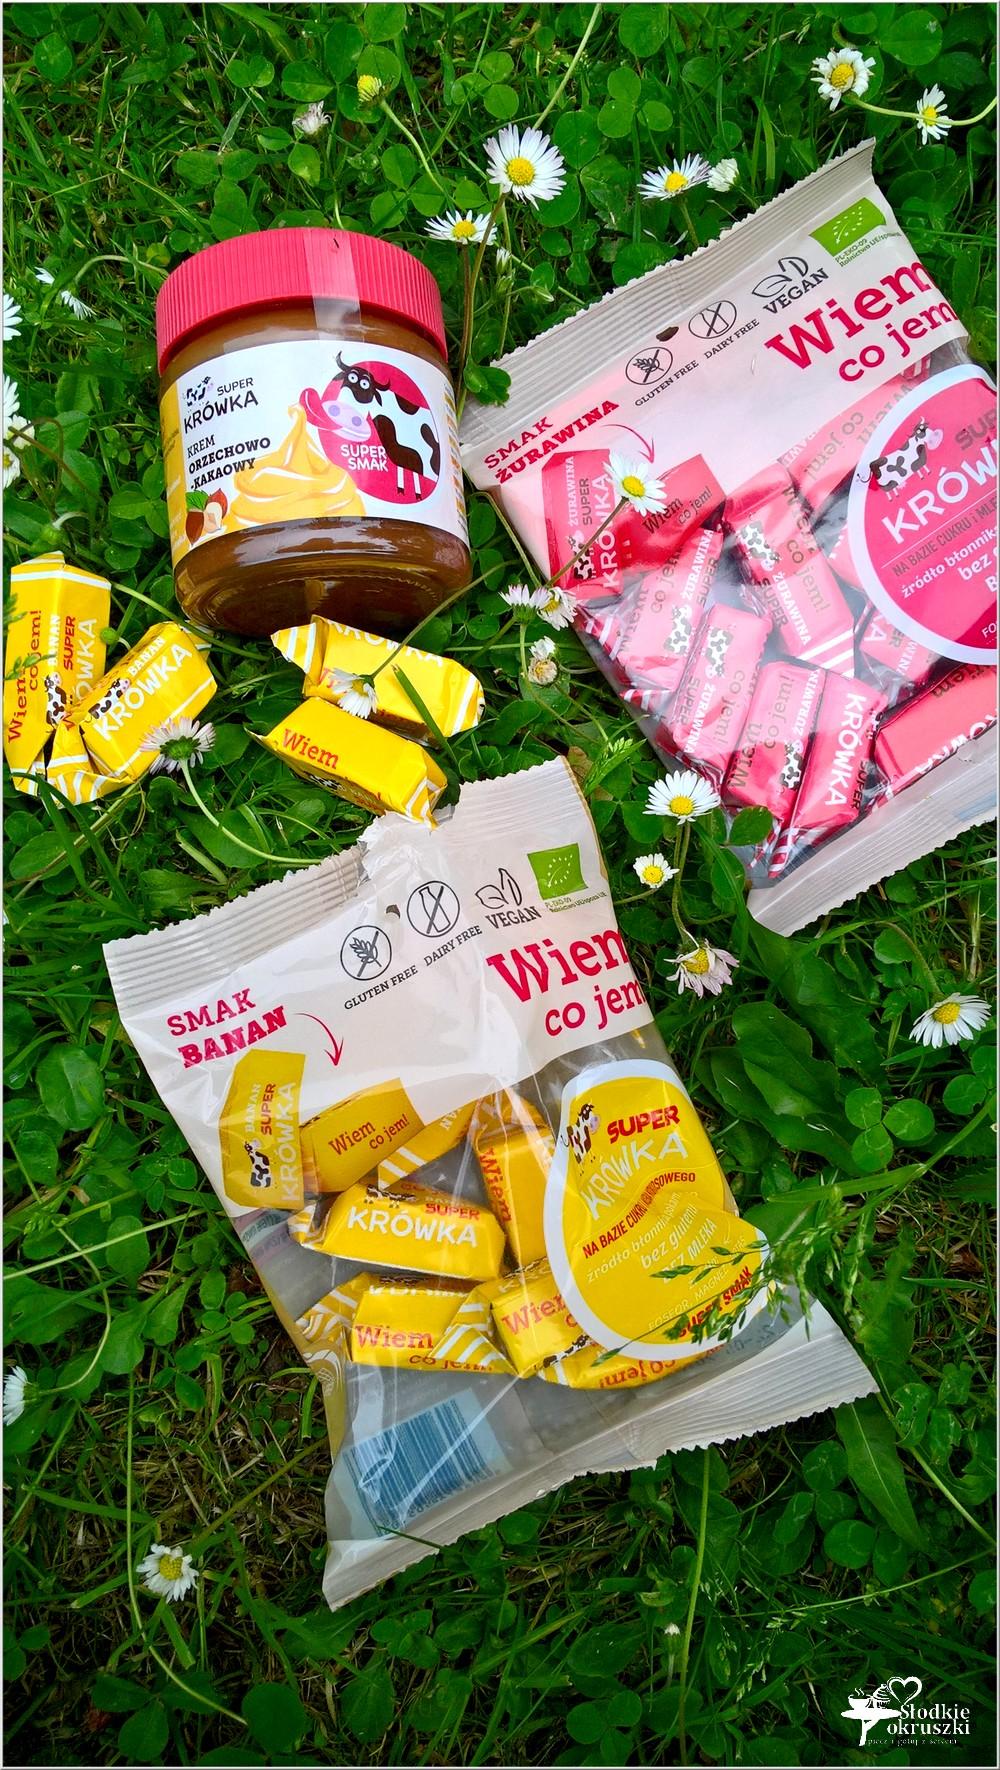 Super krówka - zdrowe i pyszne słodkości (1)